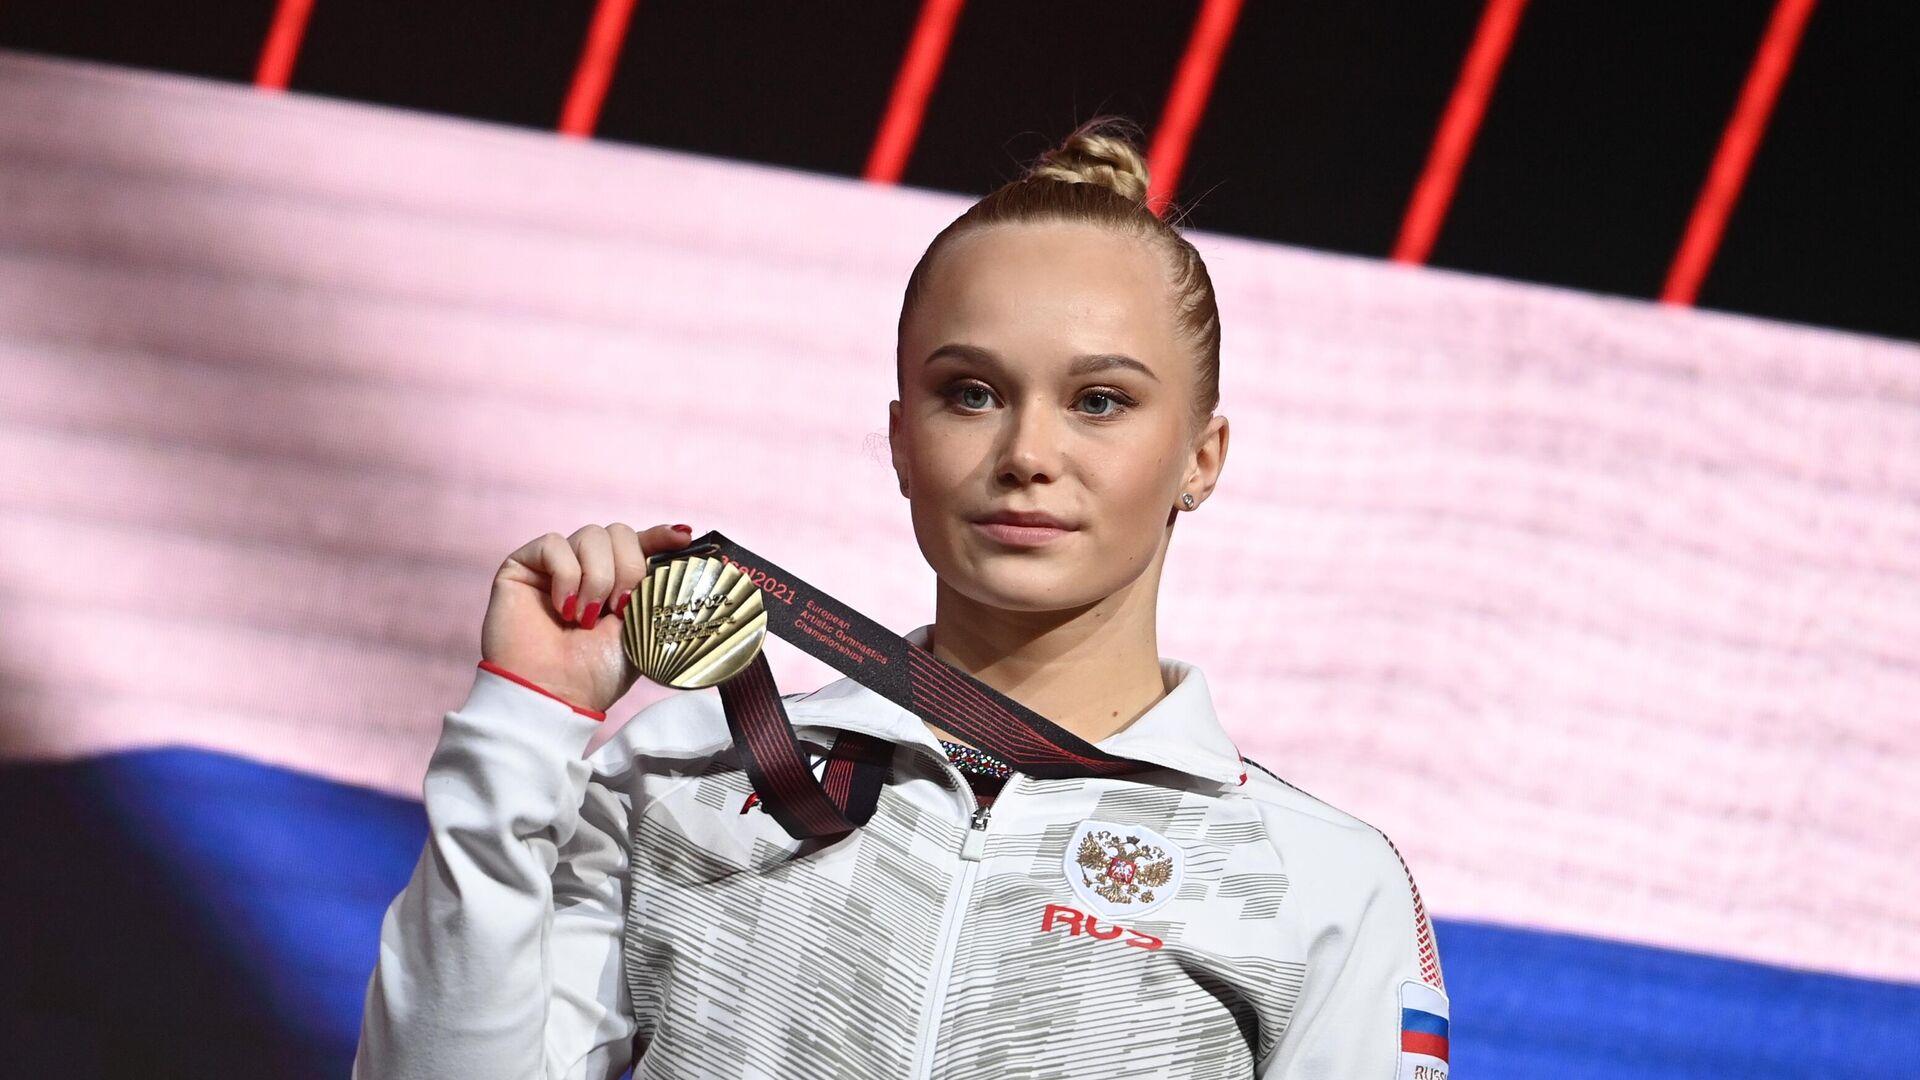 Ангелина Мельникова (Россия), завоевавшая бронзовую медаль в опорном прыжке на чемпионате Европы по спортивной гимнастике в Базеле, на церемонии награждения. - РИА Новости, 1920, 24.04.2021